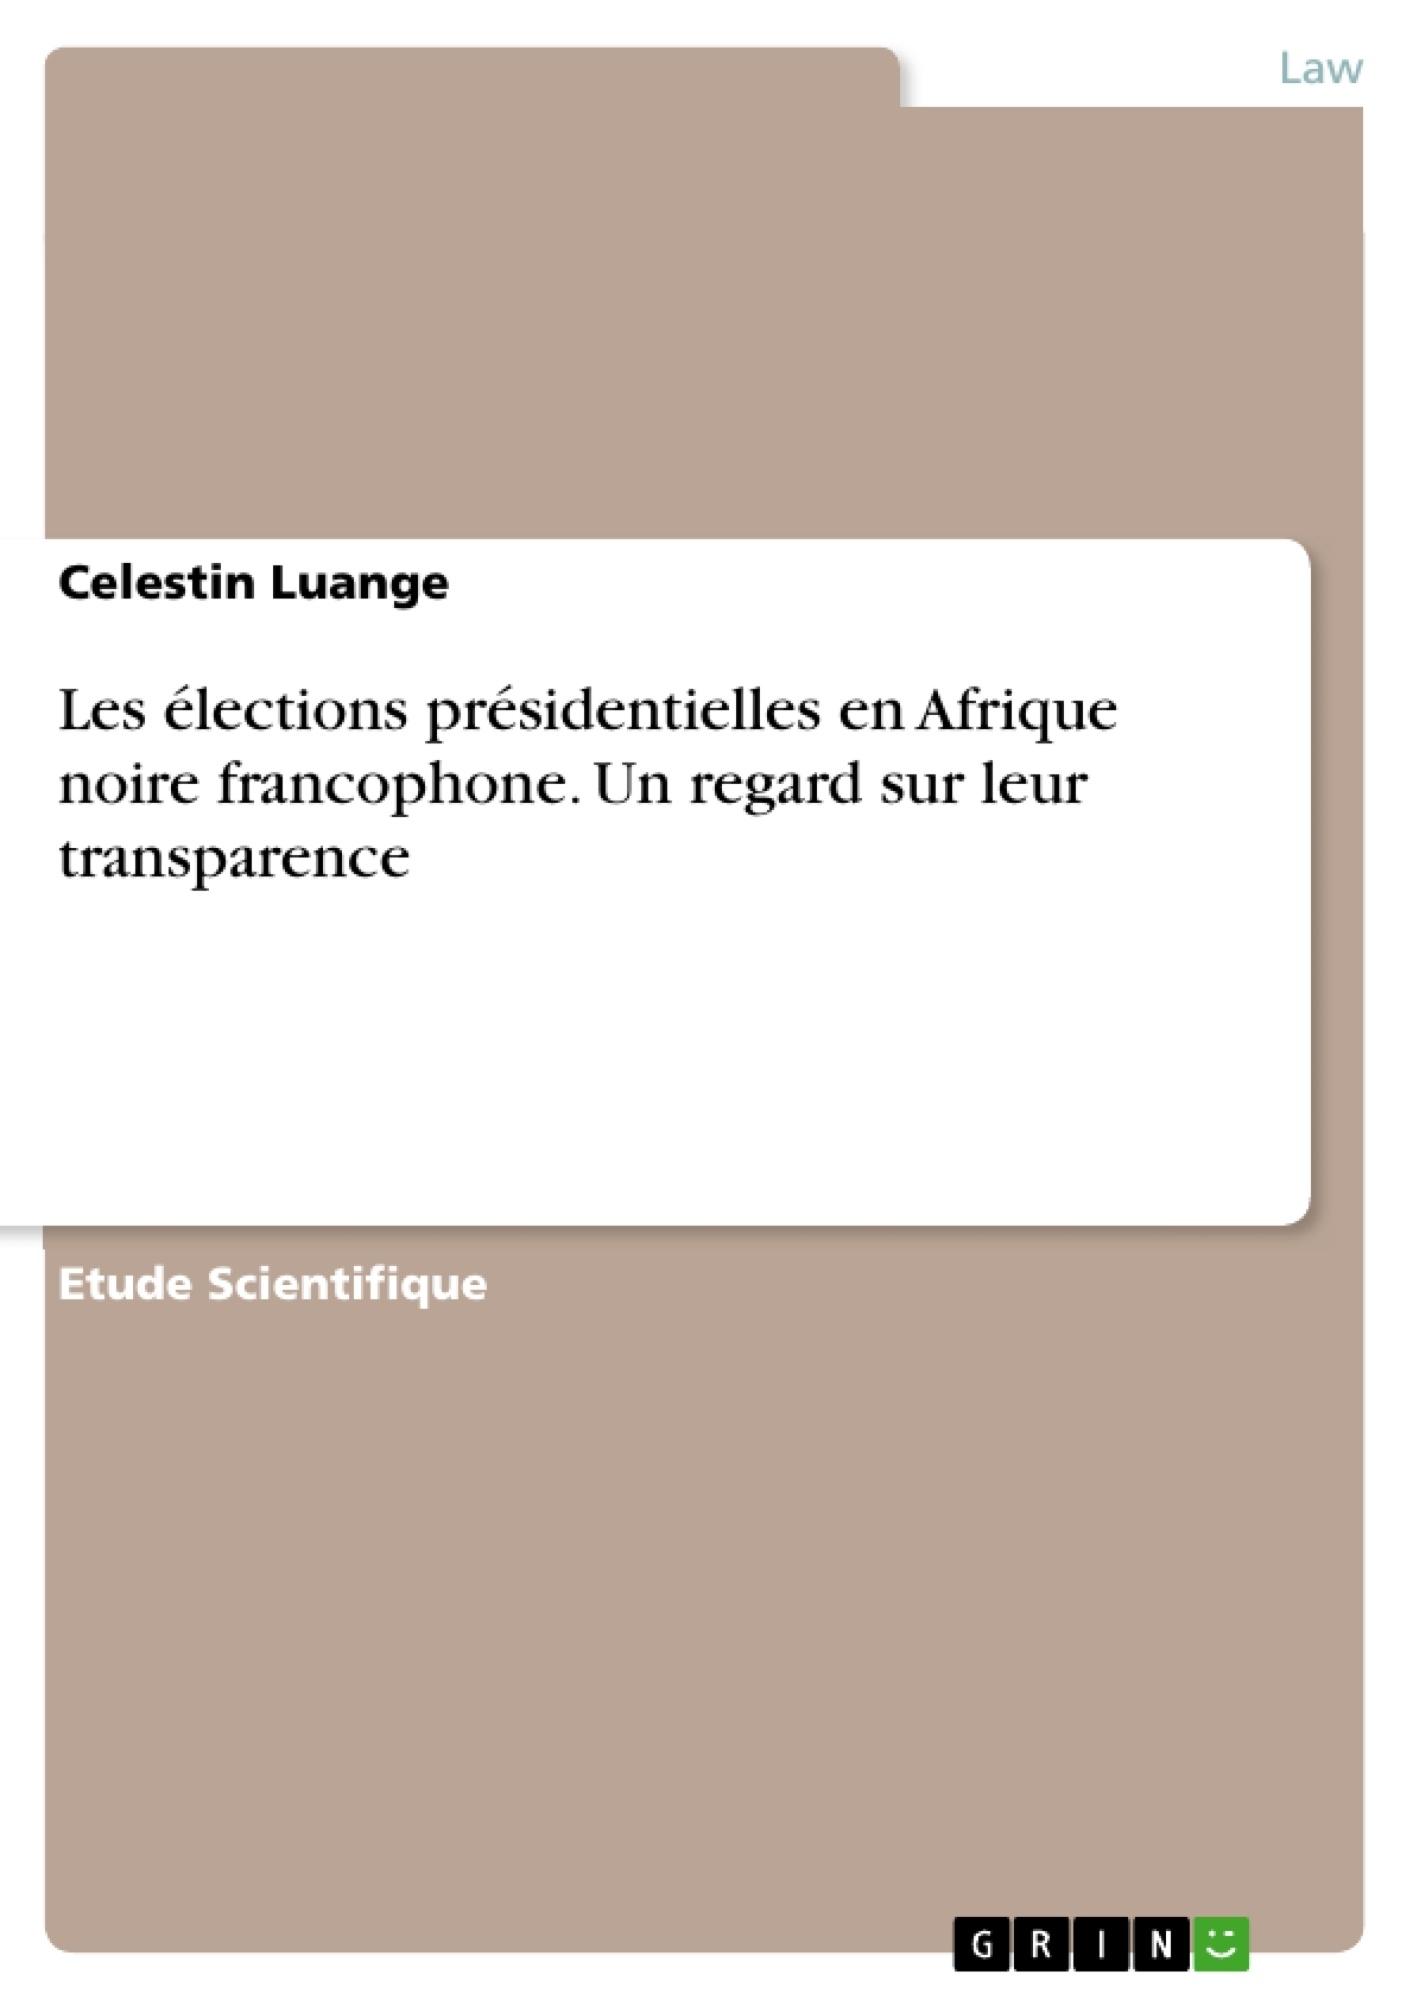 Titre: Les élections présidentielles en Afrique noire francophone. Un regard sur leur transparence